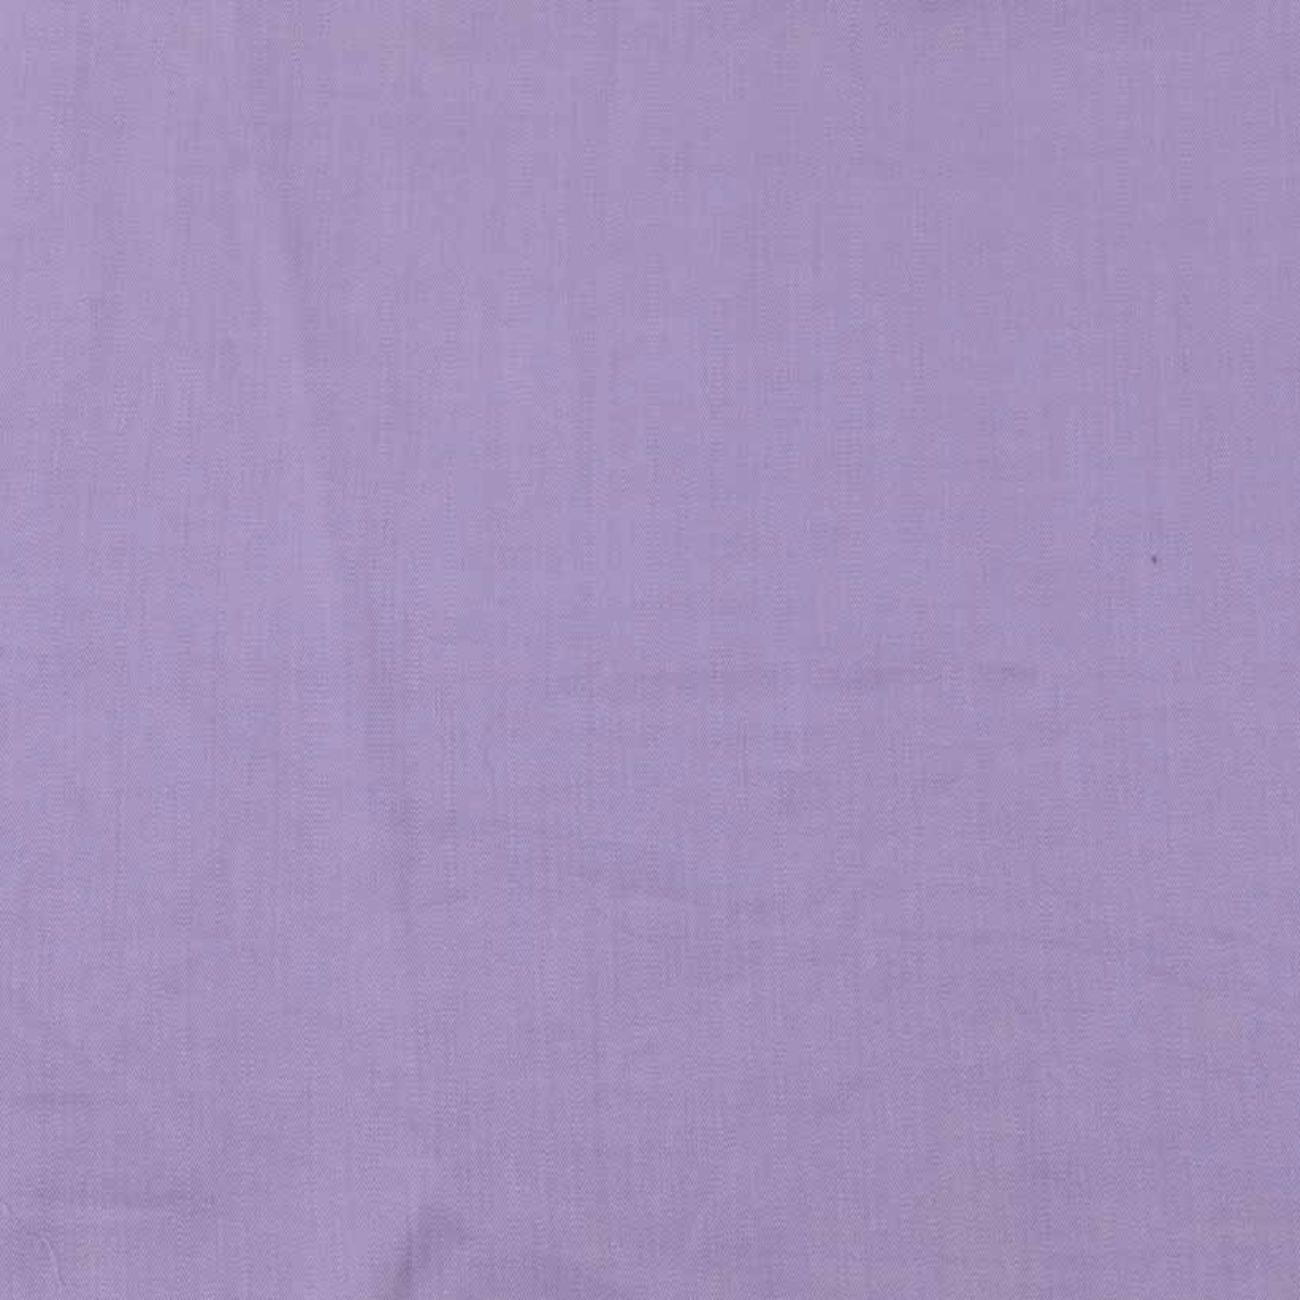 现货素色梭织色织提花低弹休闲时尚风格衬衫连衣裙 短裙 棉感 60929-11